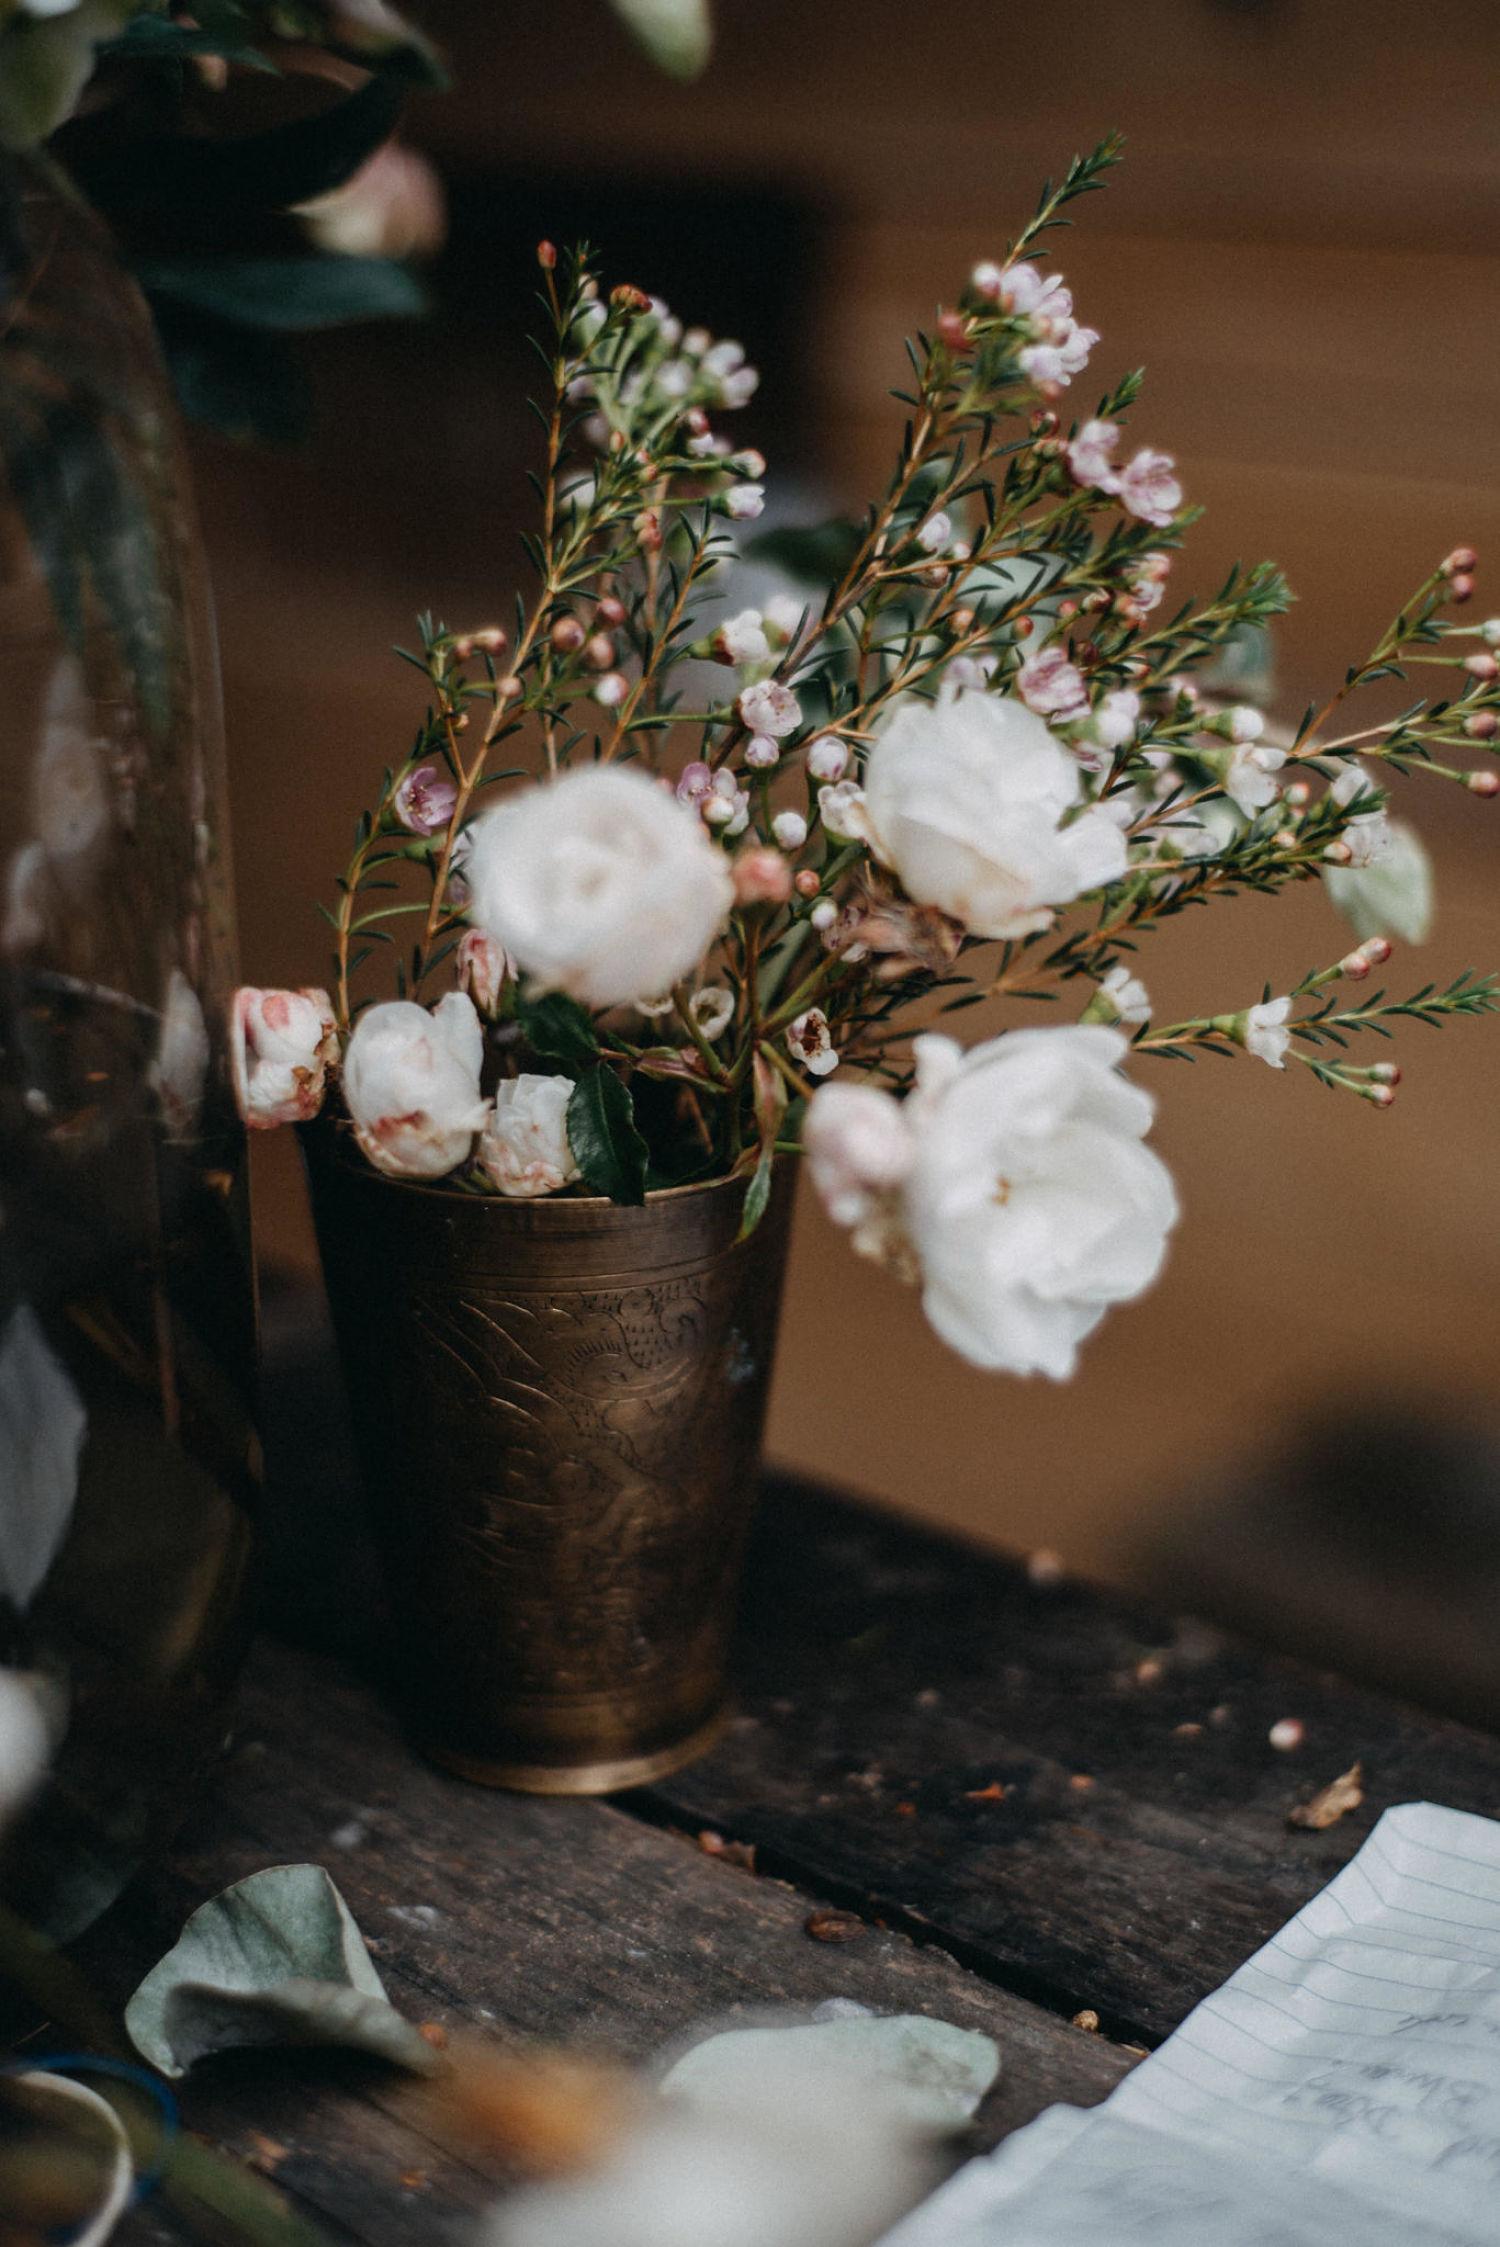 - INHALT:Schreib mir gerne deine besonderen Wünsche, damit ich den Inhalt des Tages individuell auf Dich abstimmen kann.ORT:Blumenstudio Ikoflowers, OsnabrückDas Datum ist hier individuell zu vereinbaren. Bitte mach in deiner Anmeldung ausreichend Terminvorschläge von Montag bis Samstag zwischen 10.00 und 15.00 Uhr.PREISE:1 Tag 500,00 € 2 Tage 800,00€Die Kursgebühr beinhaltet alle Floralien und Materialien und selbstverständlich dein Werkstück, sowie ein kleines Mittagessen.Es ist auch möglich 1/2 Tag zu buchen.1/2 Tag 350,00€Hier entfällt das Mittagessen. Wir arbeiten von 10.00 - 12.30 Uhr.Du hast die Möglichkeit, ein professionelles Fotoshooting mit zu buchen. Gib mir gerne Bescheid, wenn Du dazu Informationen zu Ablauf und Preisen brauchst.